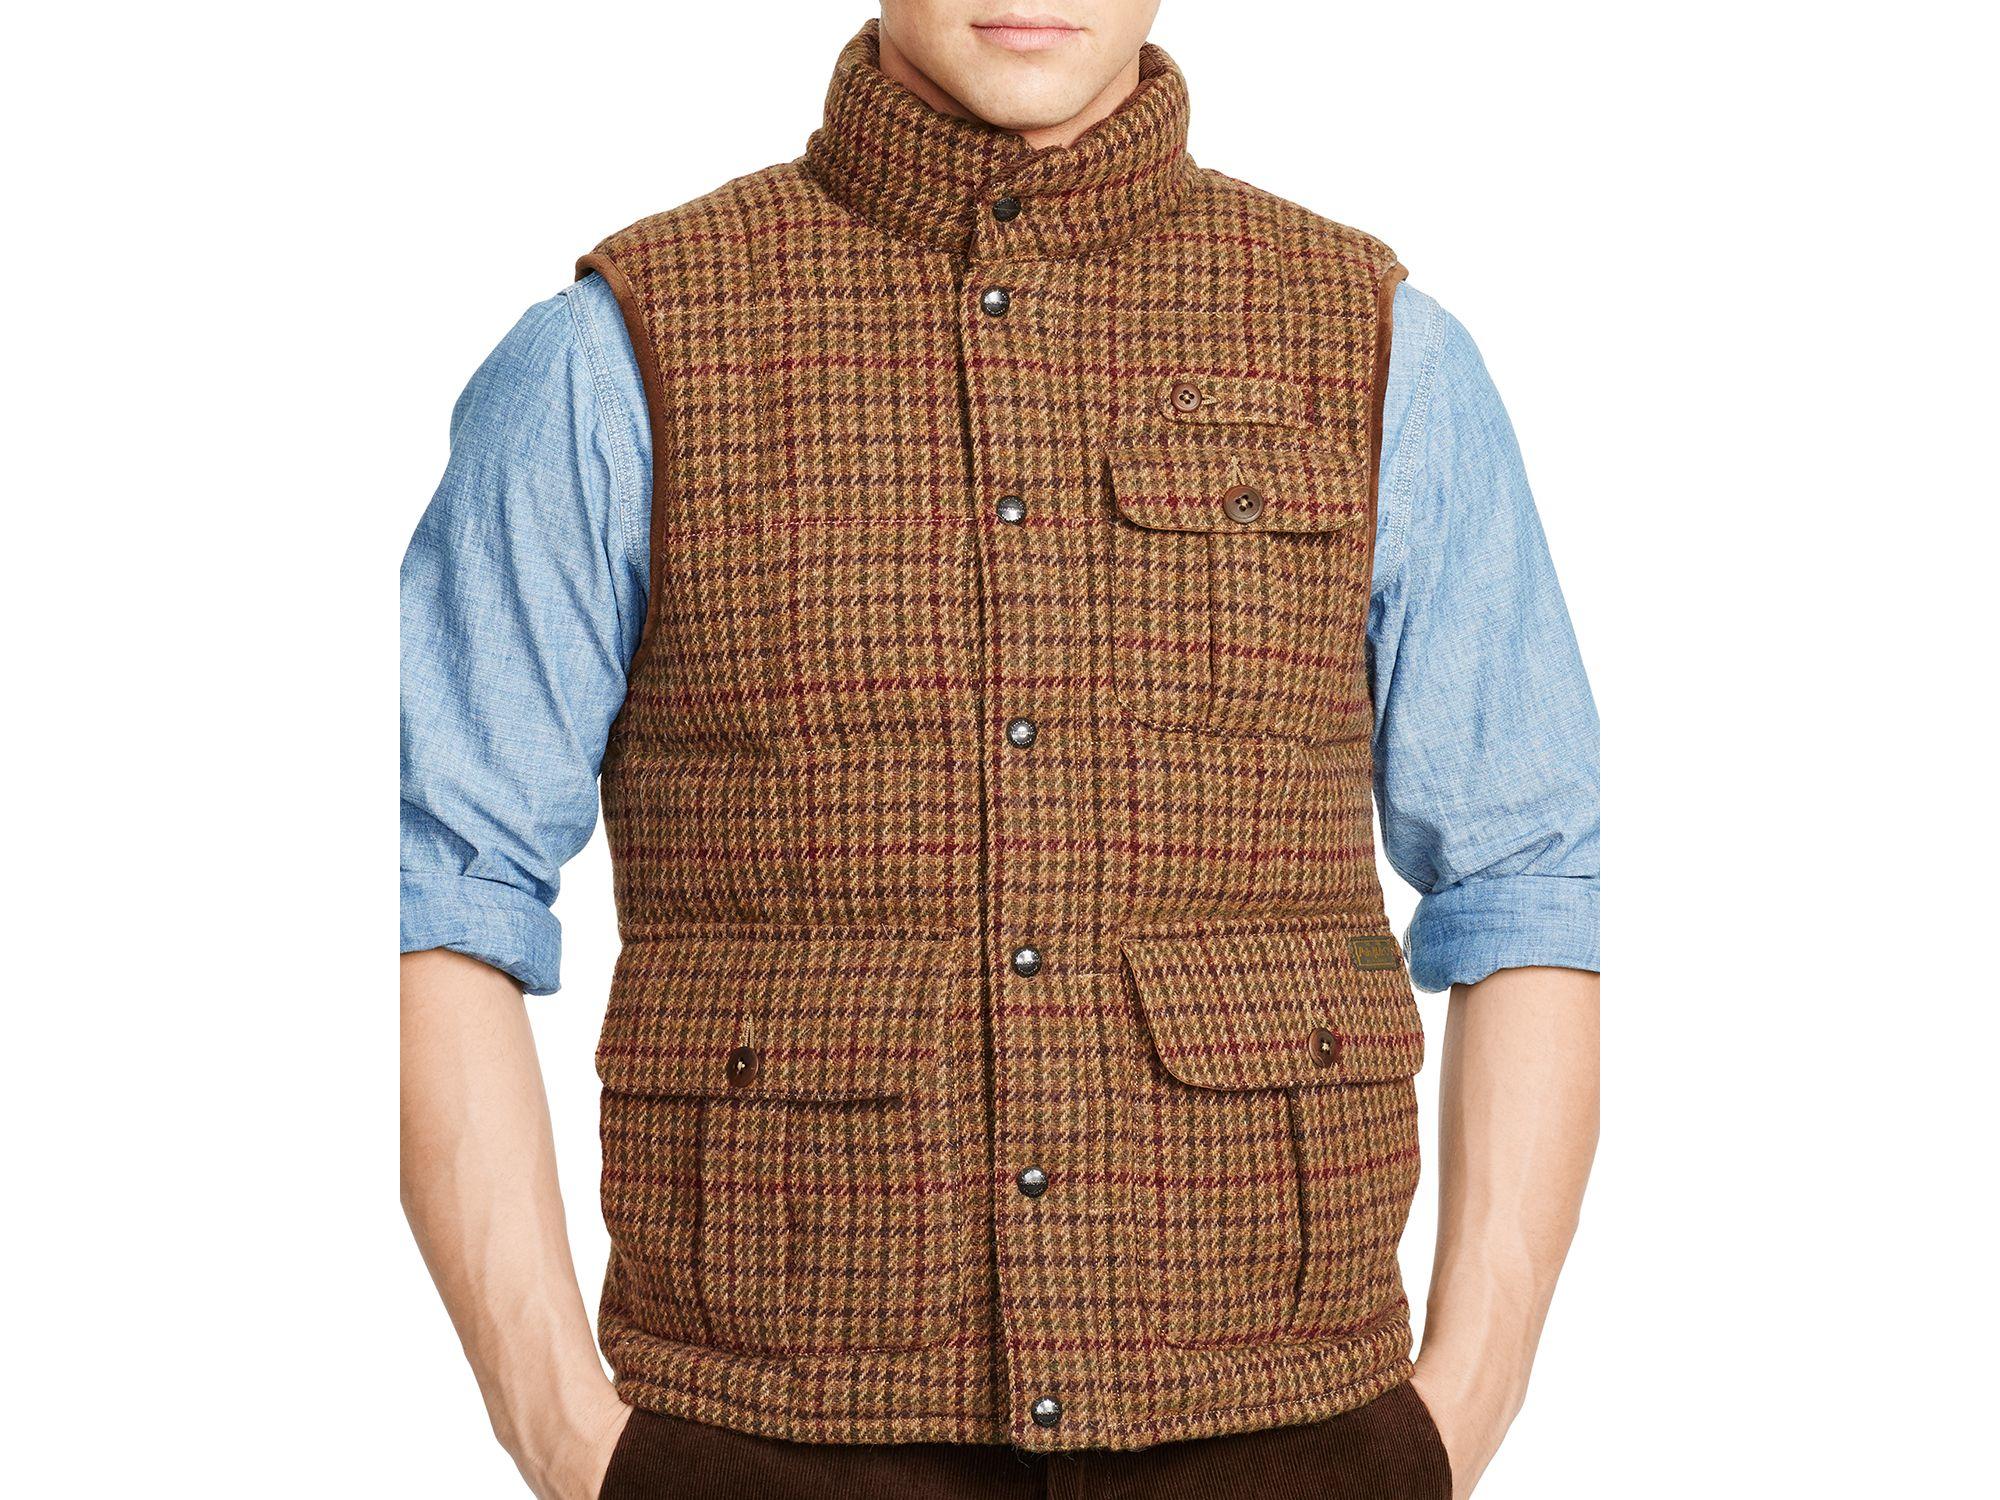 lauren ralph lauren ruched dress polo down bomber jacket